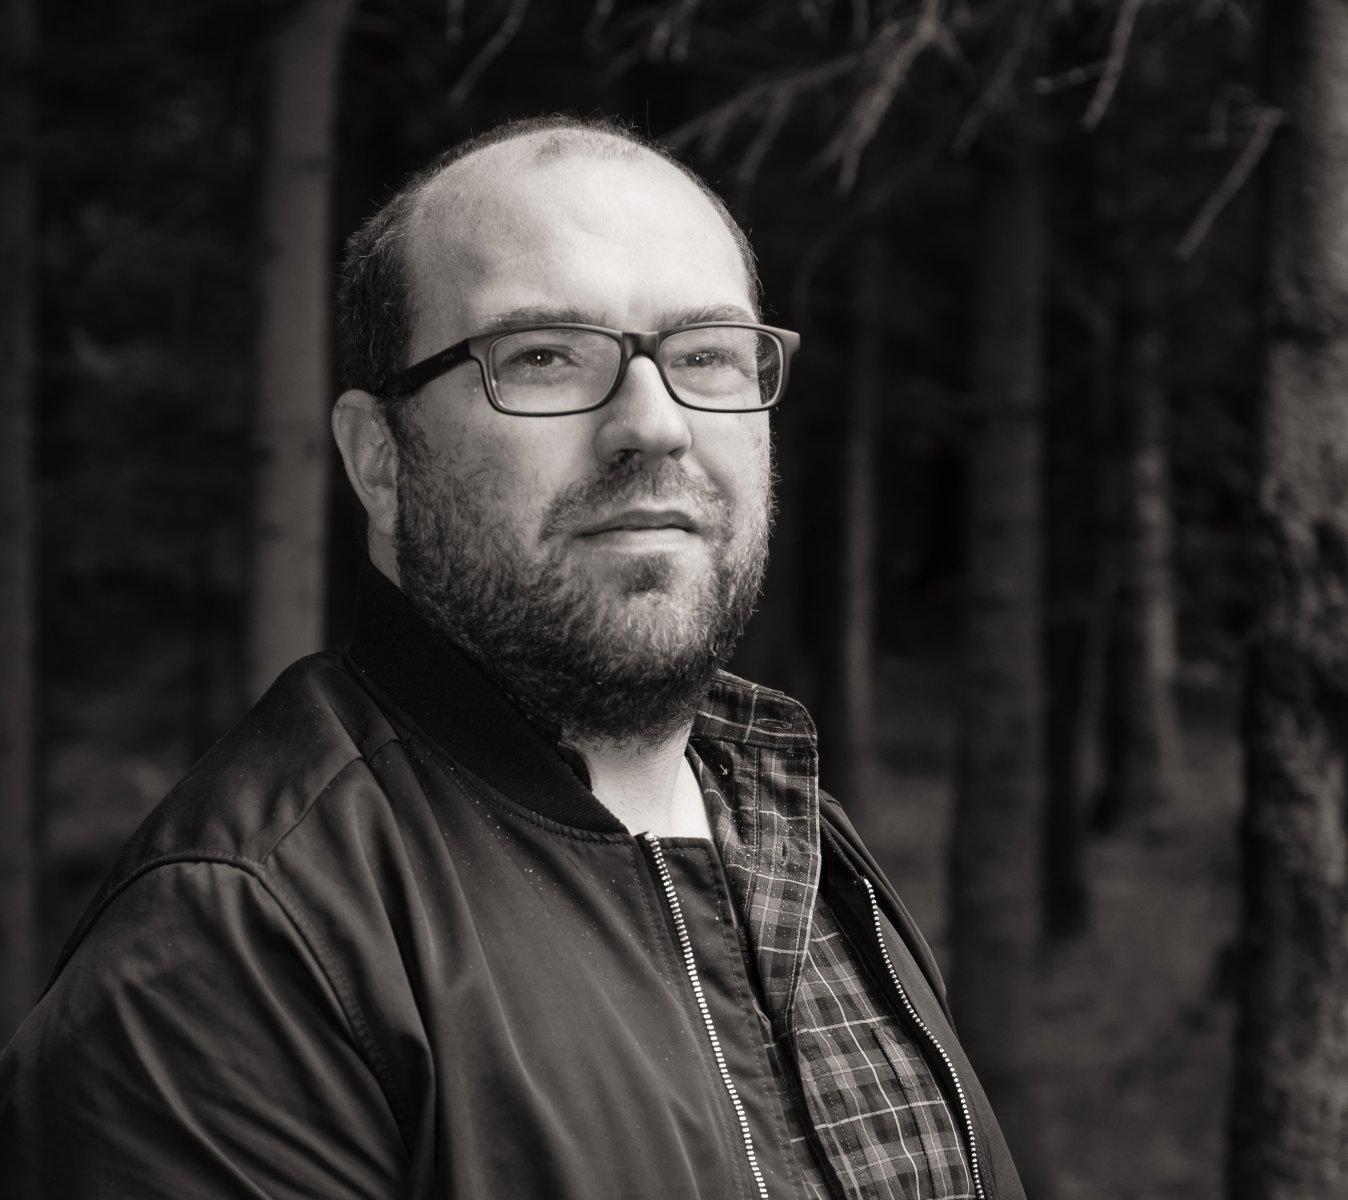 Vilhelm Vilhelmsson